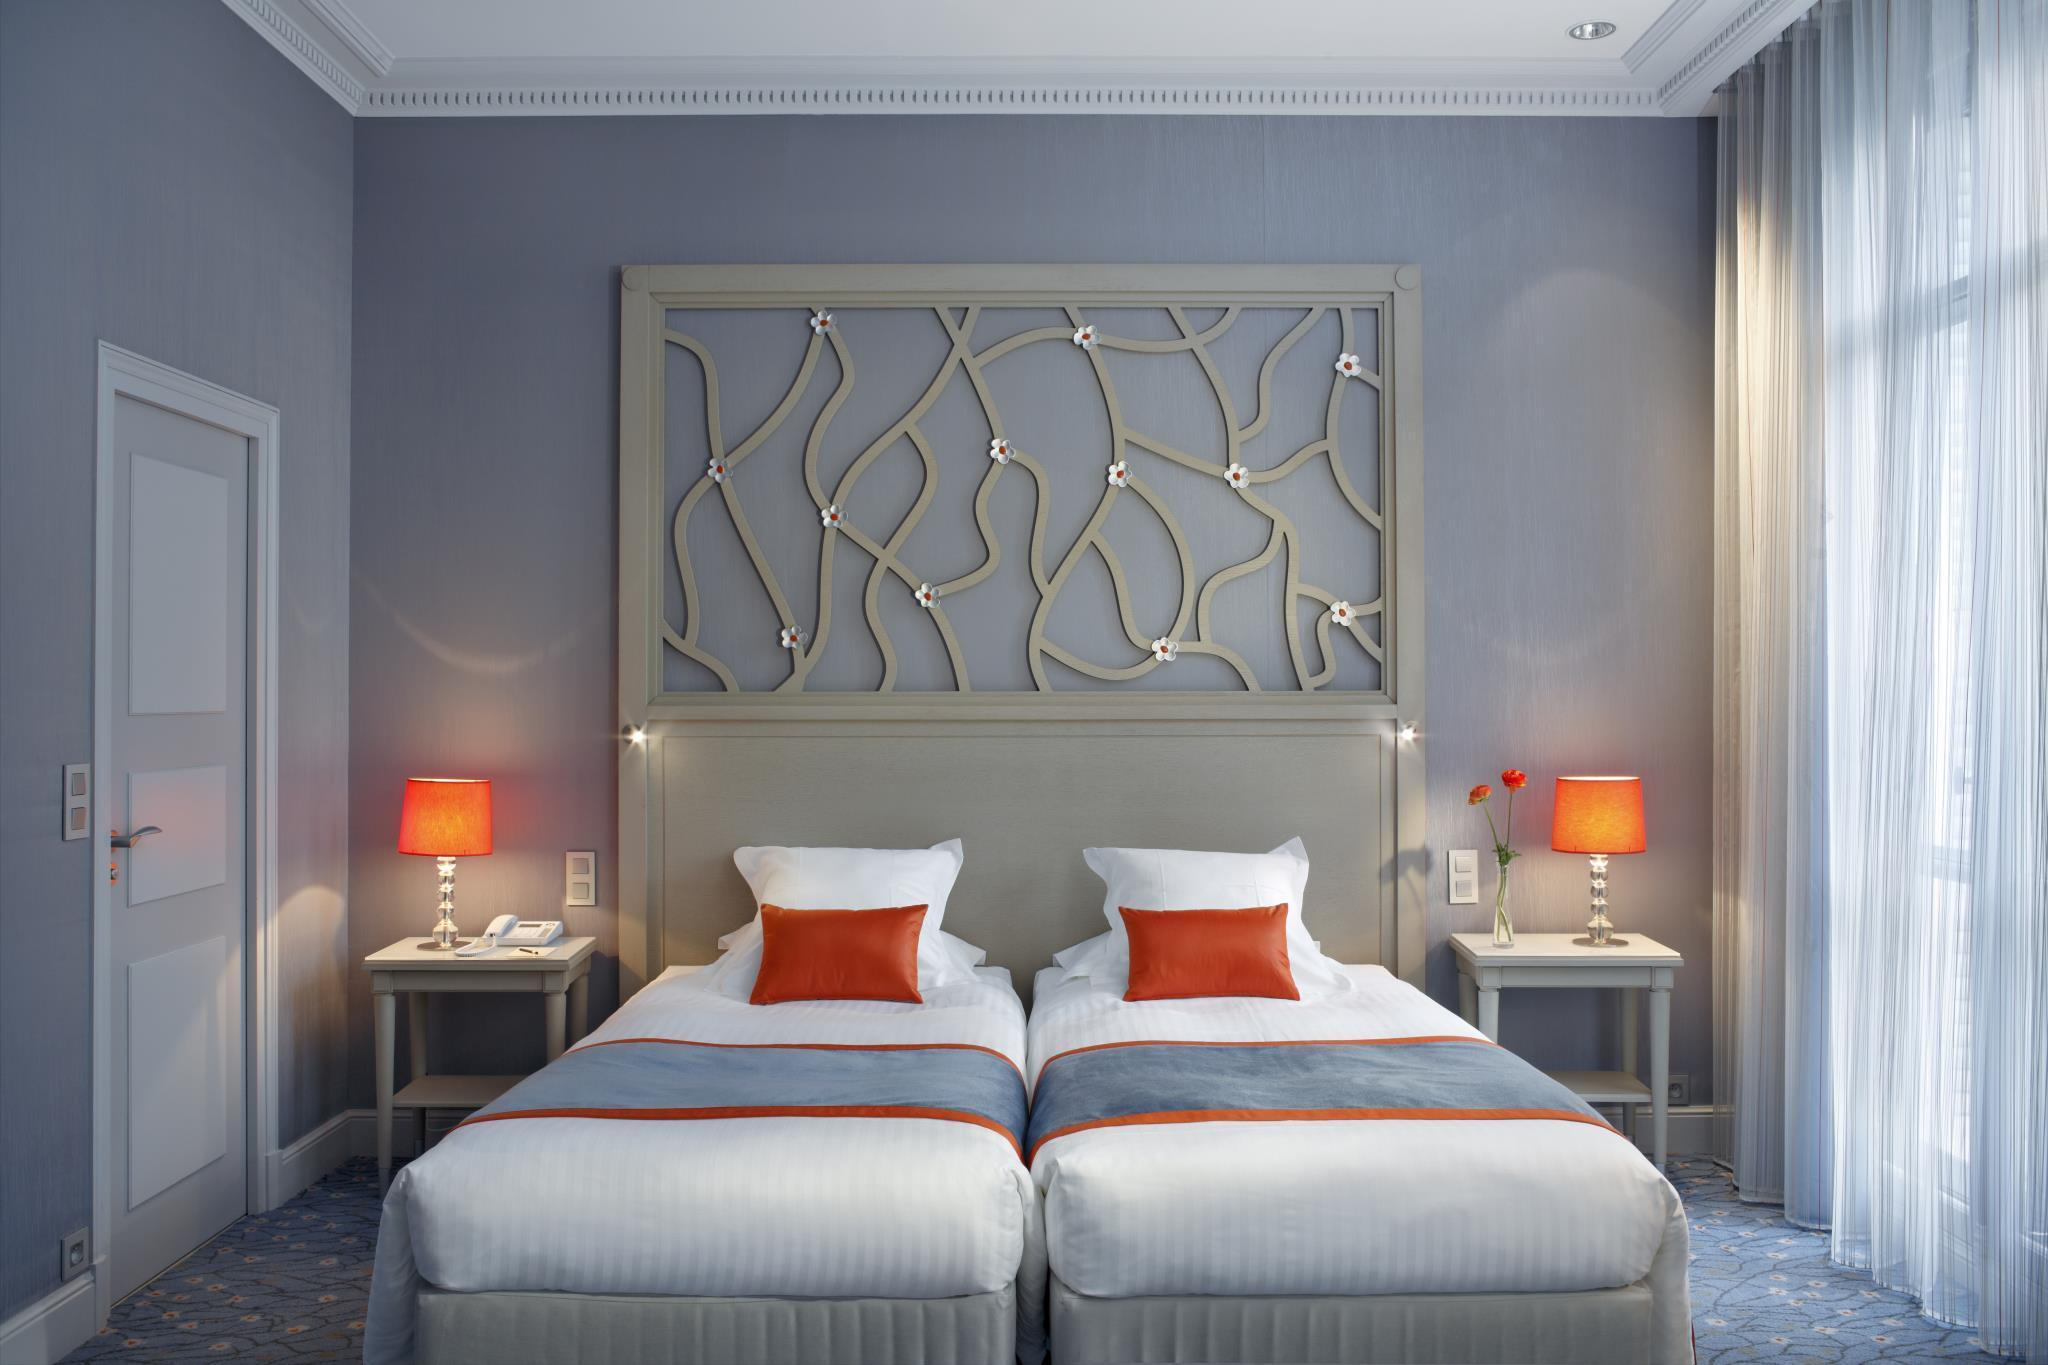 Splendid Etoile Hotel Pet Friendly In Paris Room Deals Photos Reviews